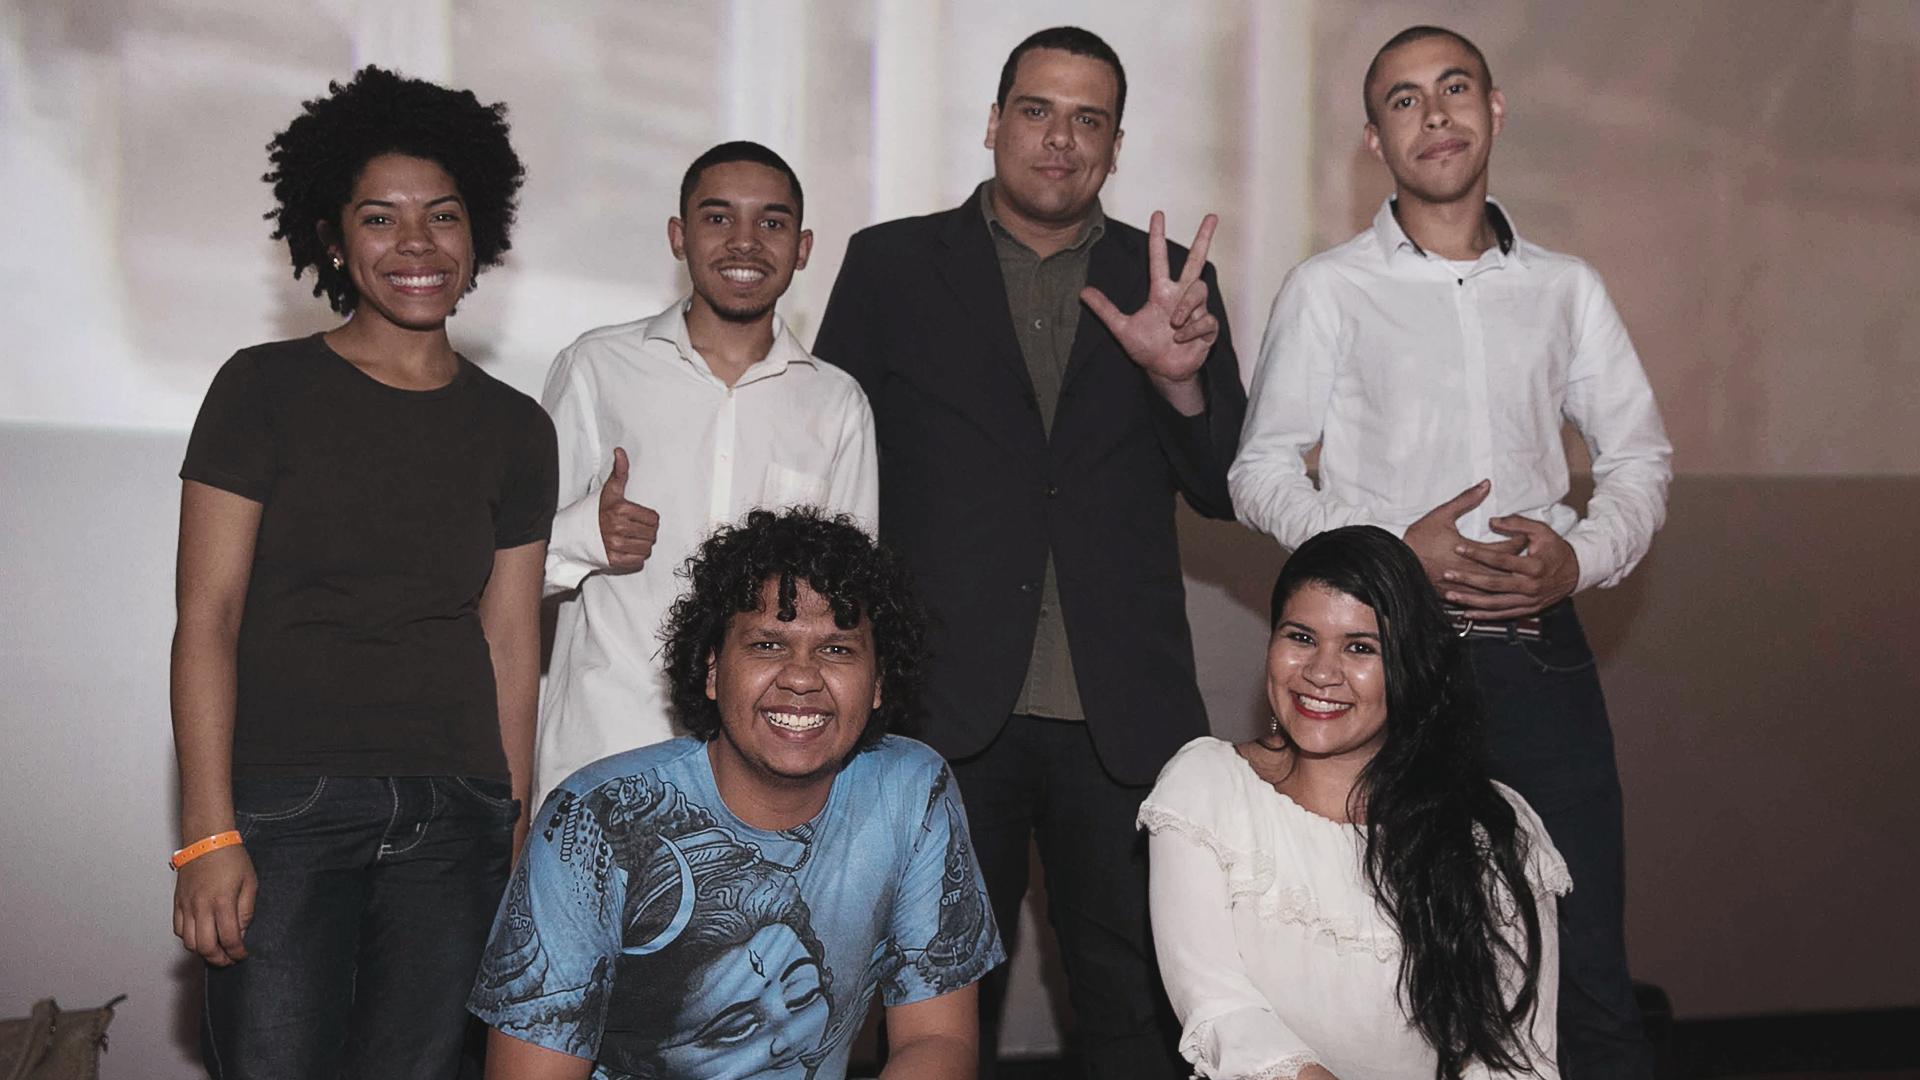 Conheça o Empreende Aí, um projeto conduzido por jovens do extremo sul de São Paulo